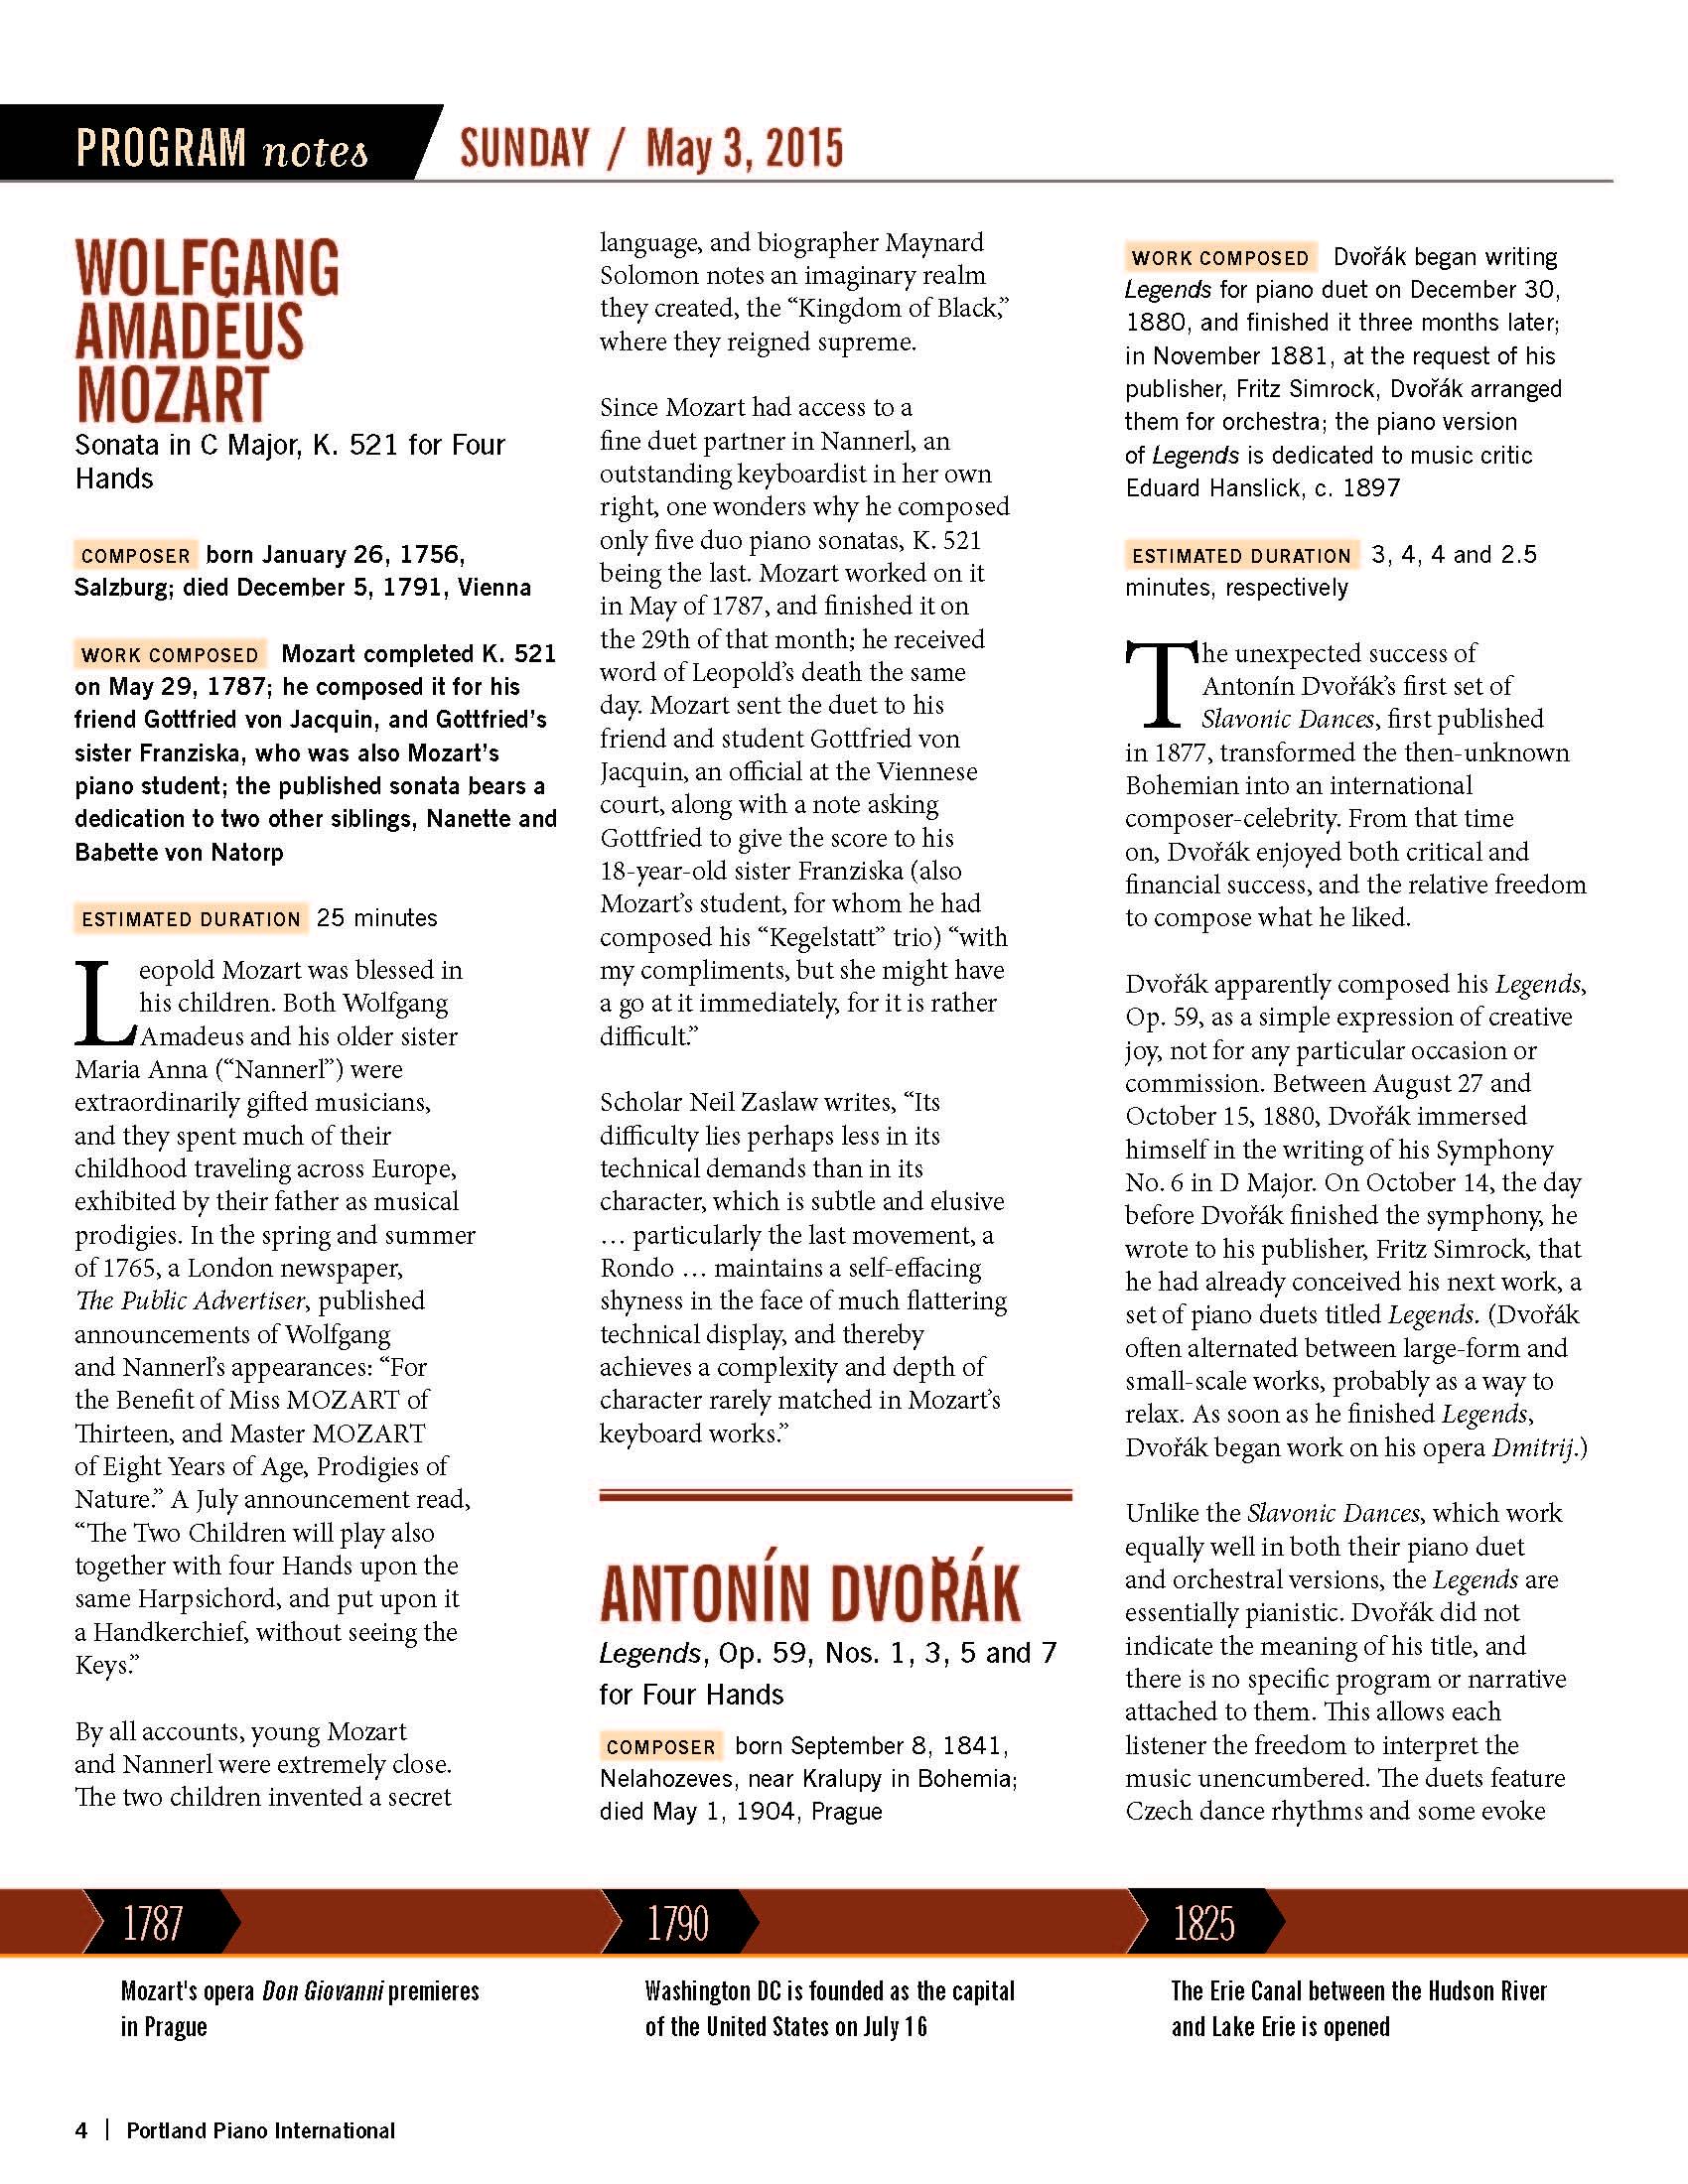 PPI_Program_Sulkhanishvili FINAL_Page_06.jpg